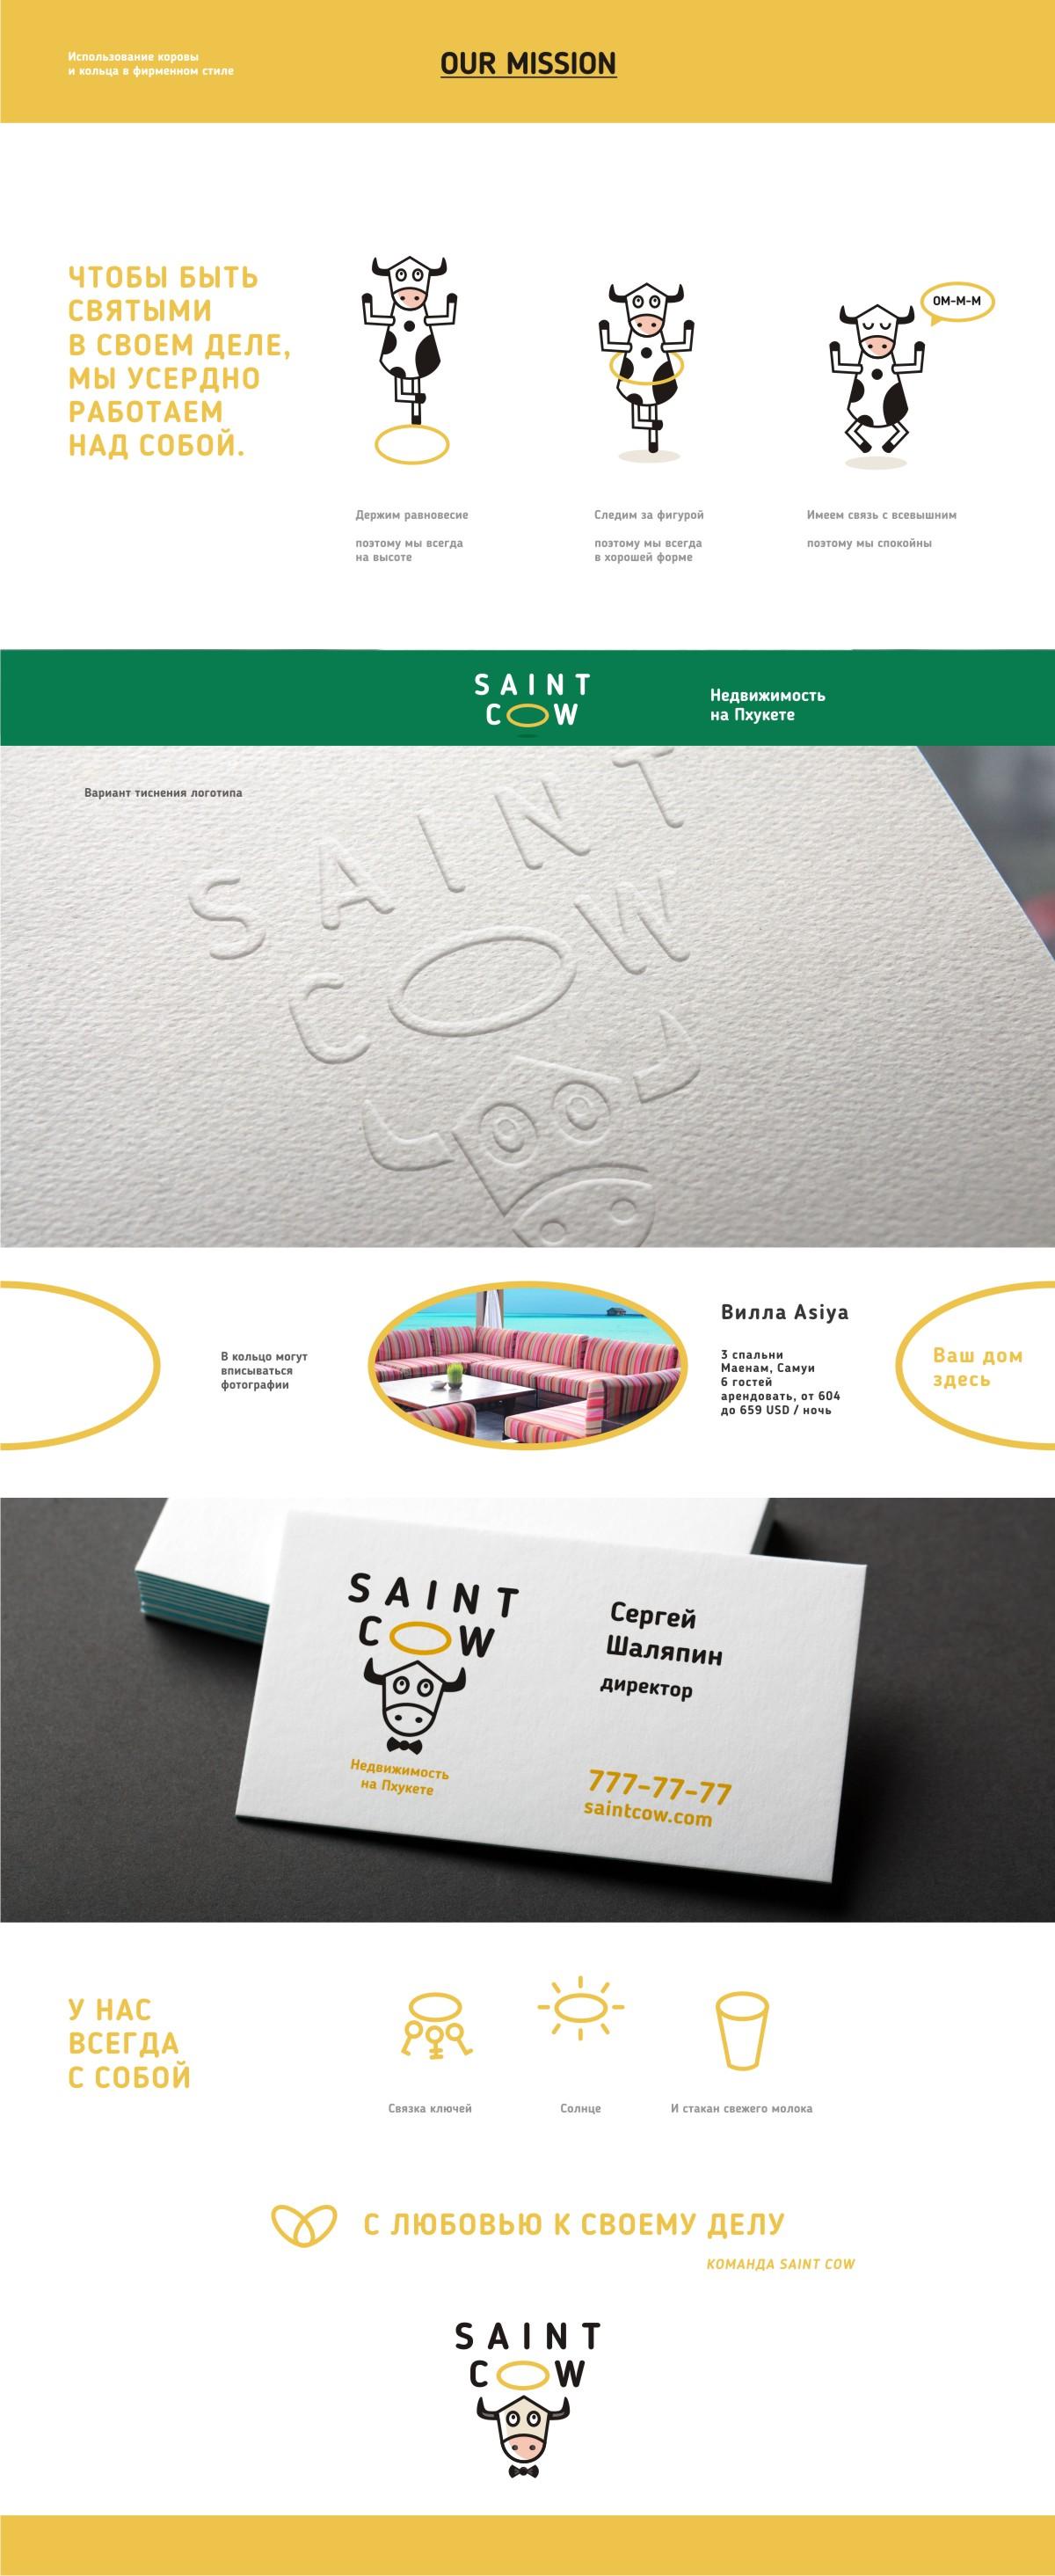 Фирменный стиль для компании Saint Cow фото f_42459b5392672759.jpg